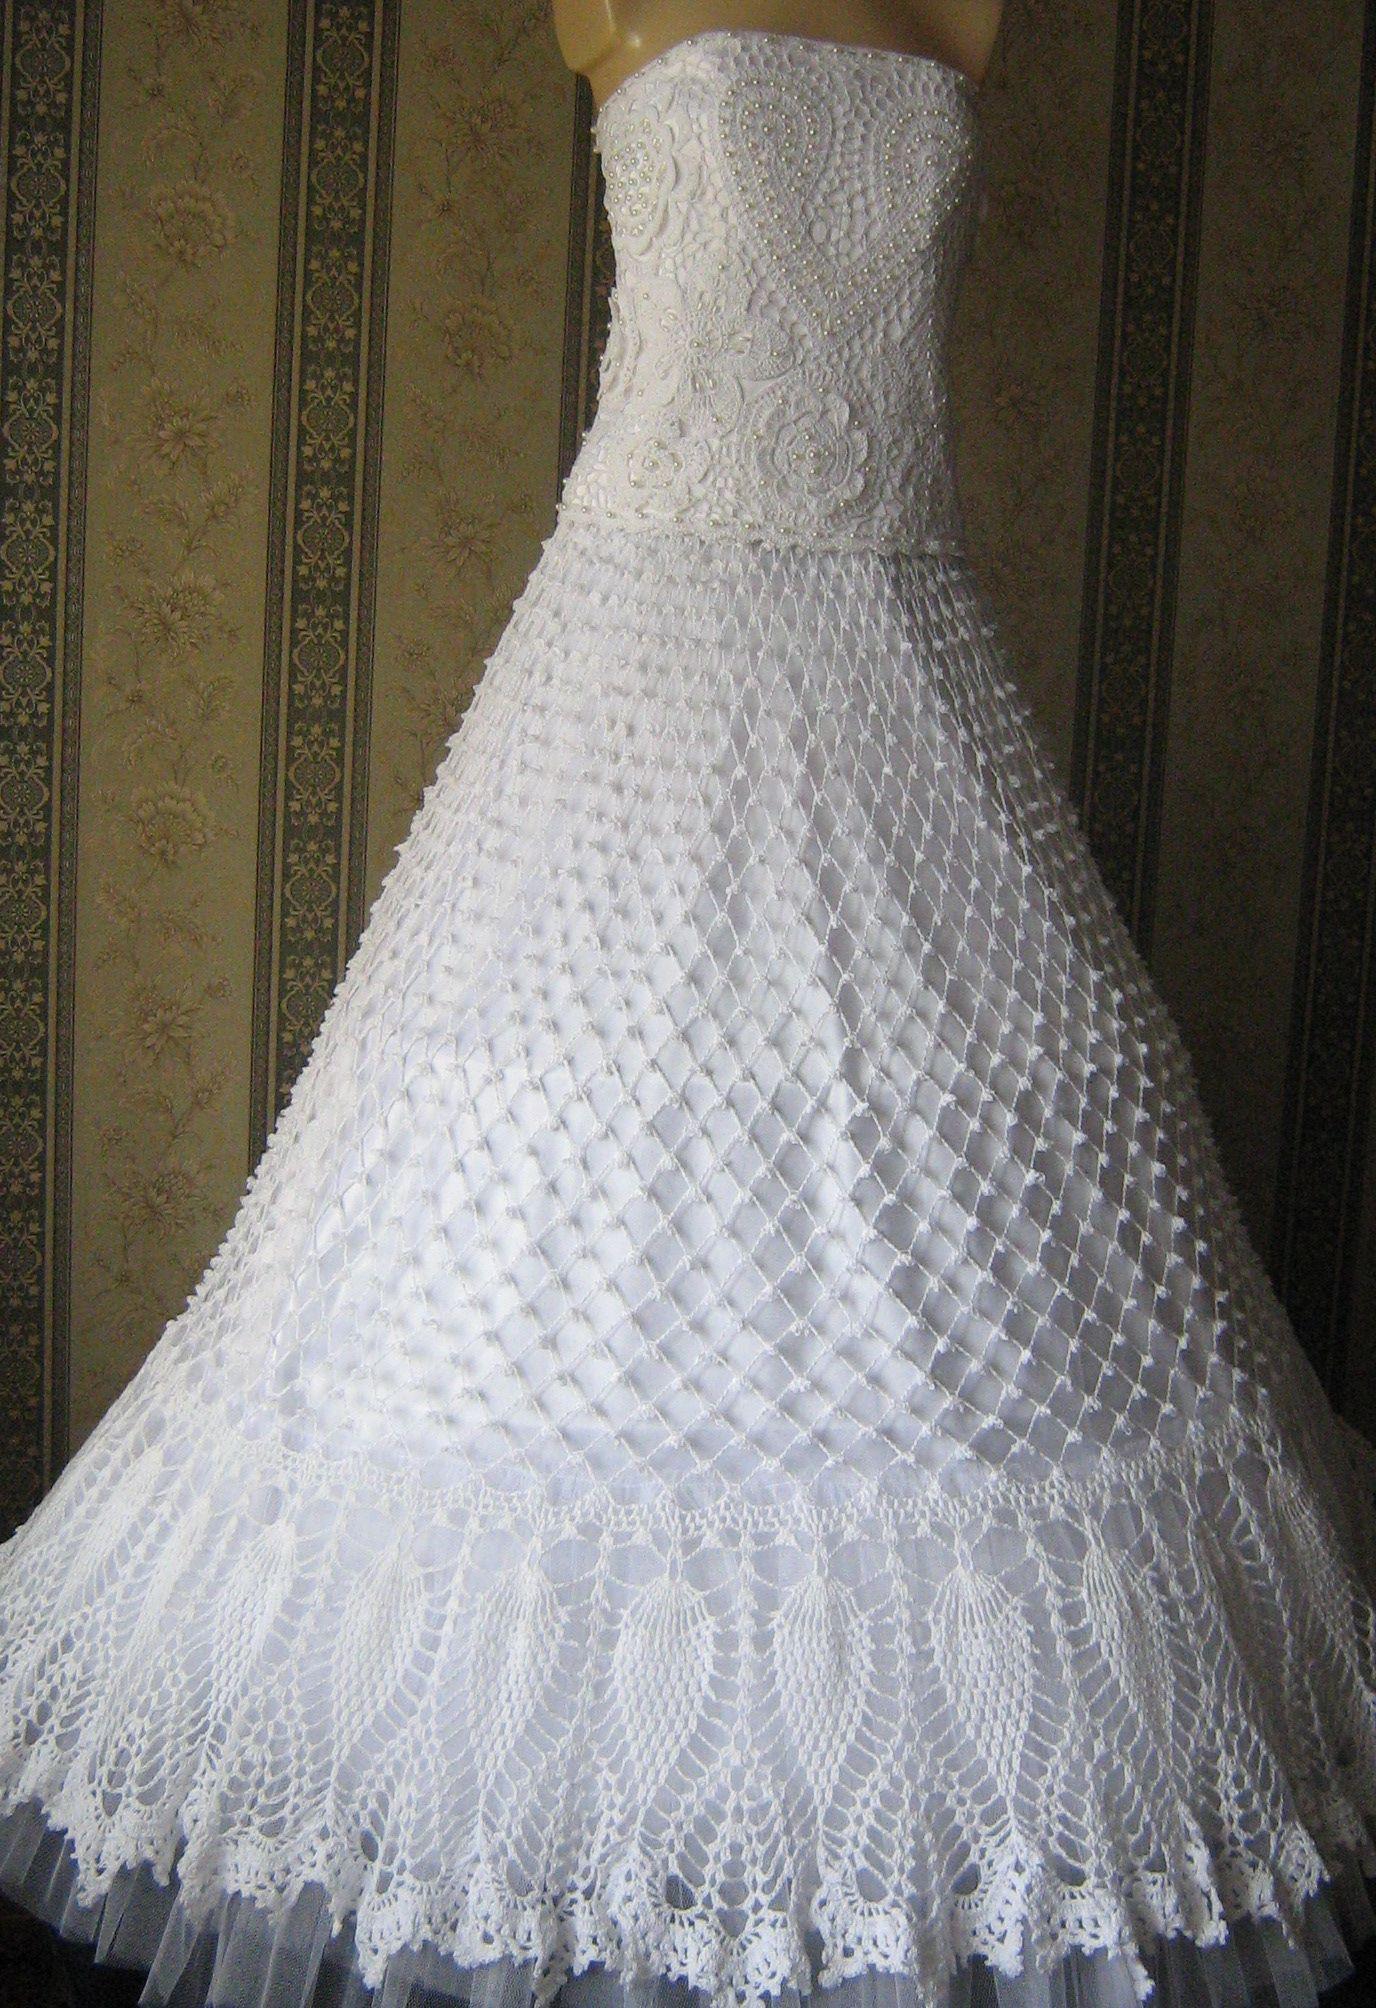 642412543fd6 Подарки ручной работы, купить сувениры, авторские изделия и эксклюзивные  вещи - продажа по выгодным ценам, украшения ручной работы - платье  свадебное ...